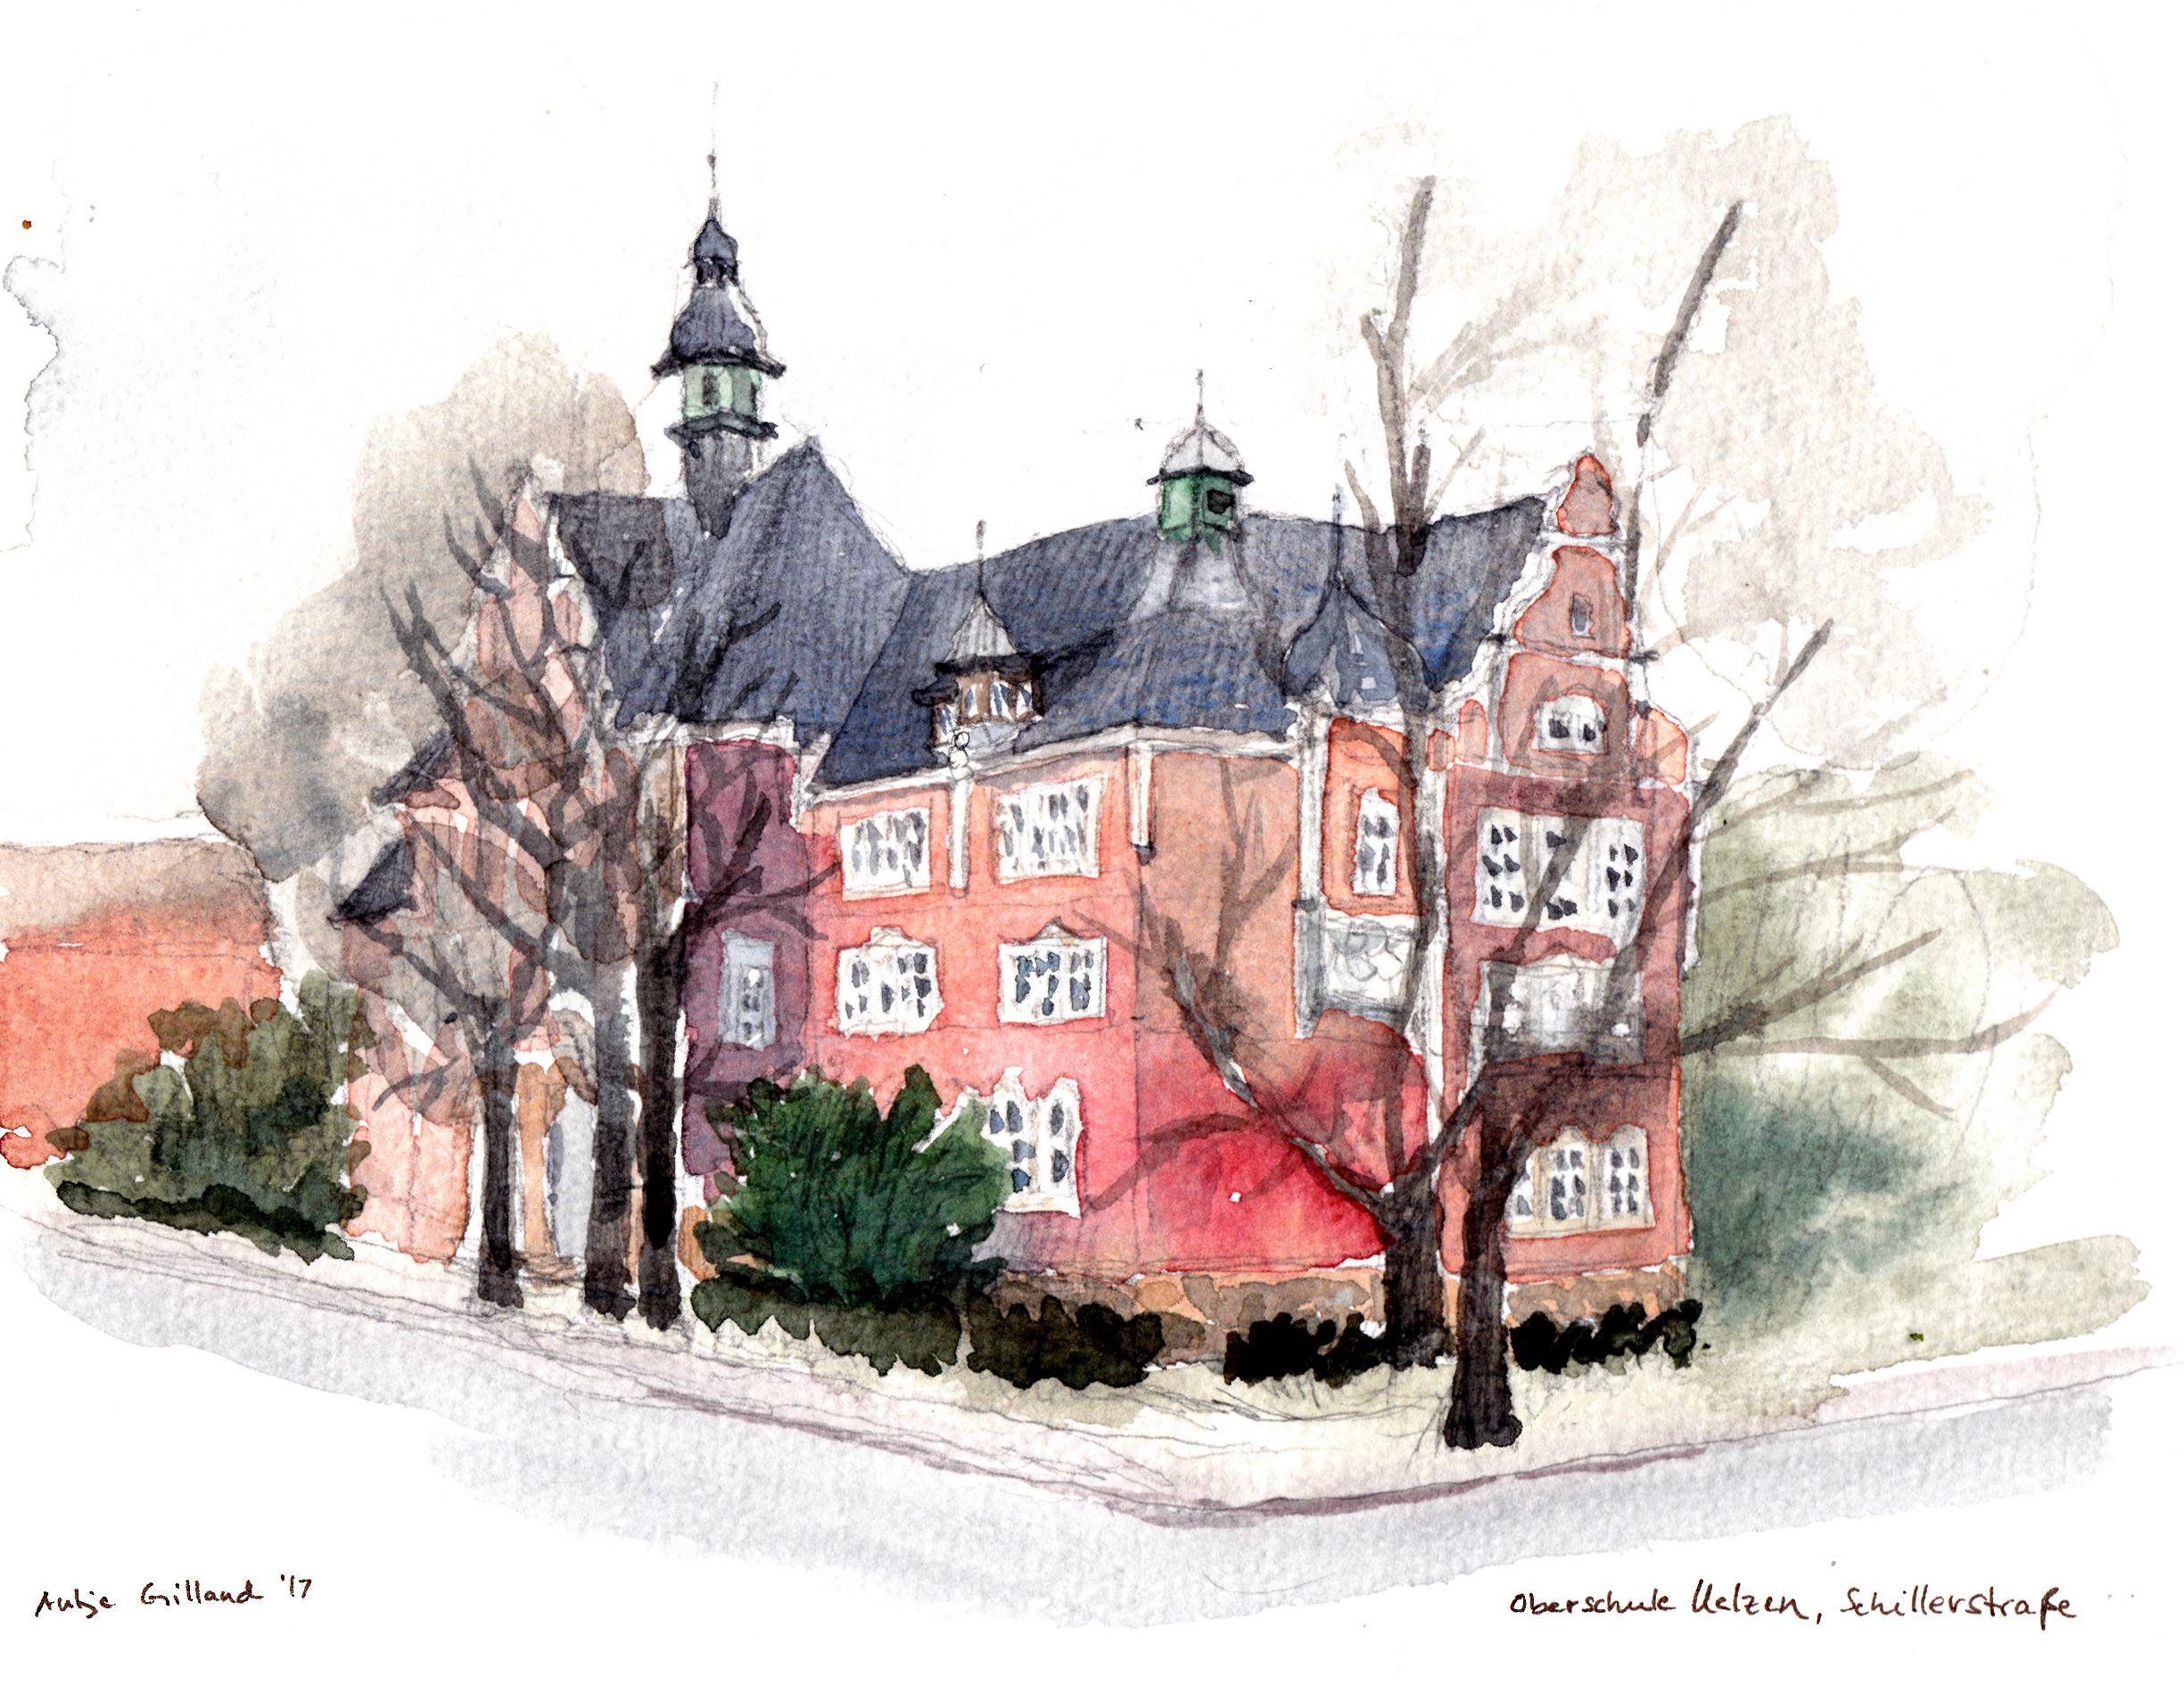 Oberschule_Uelzen